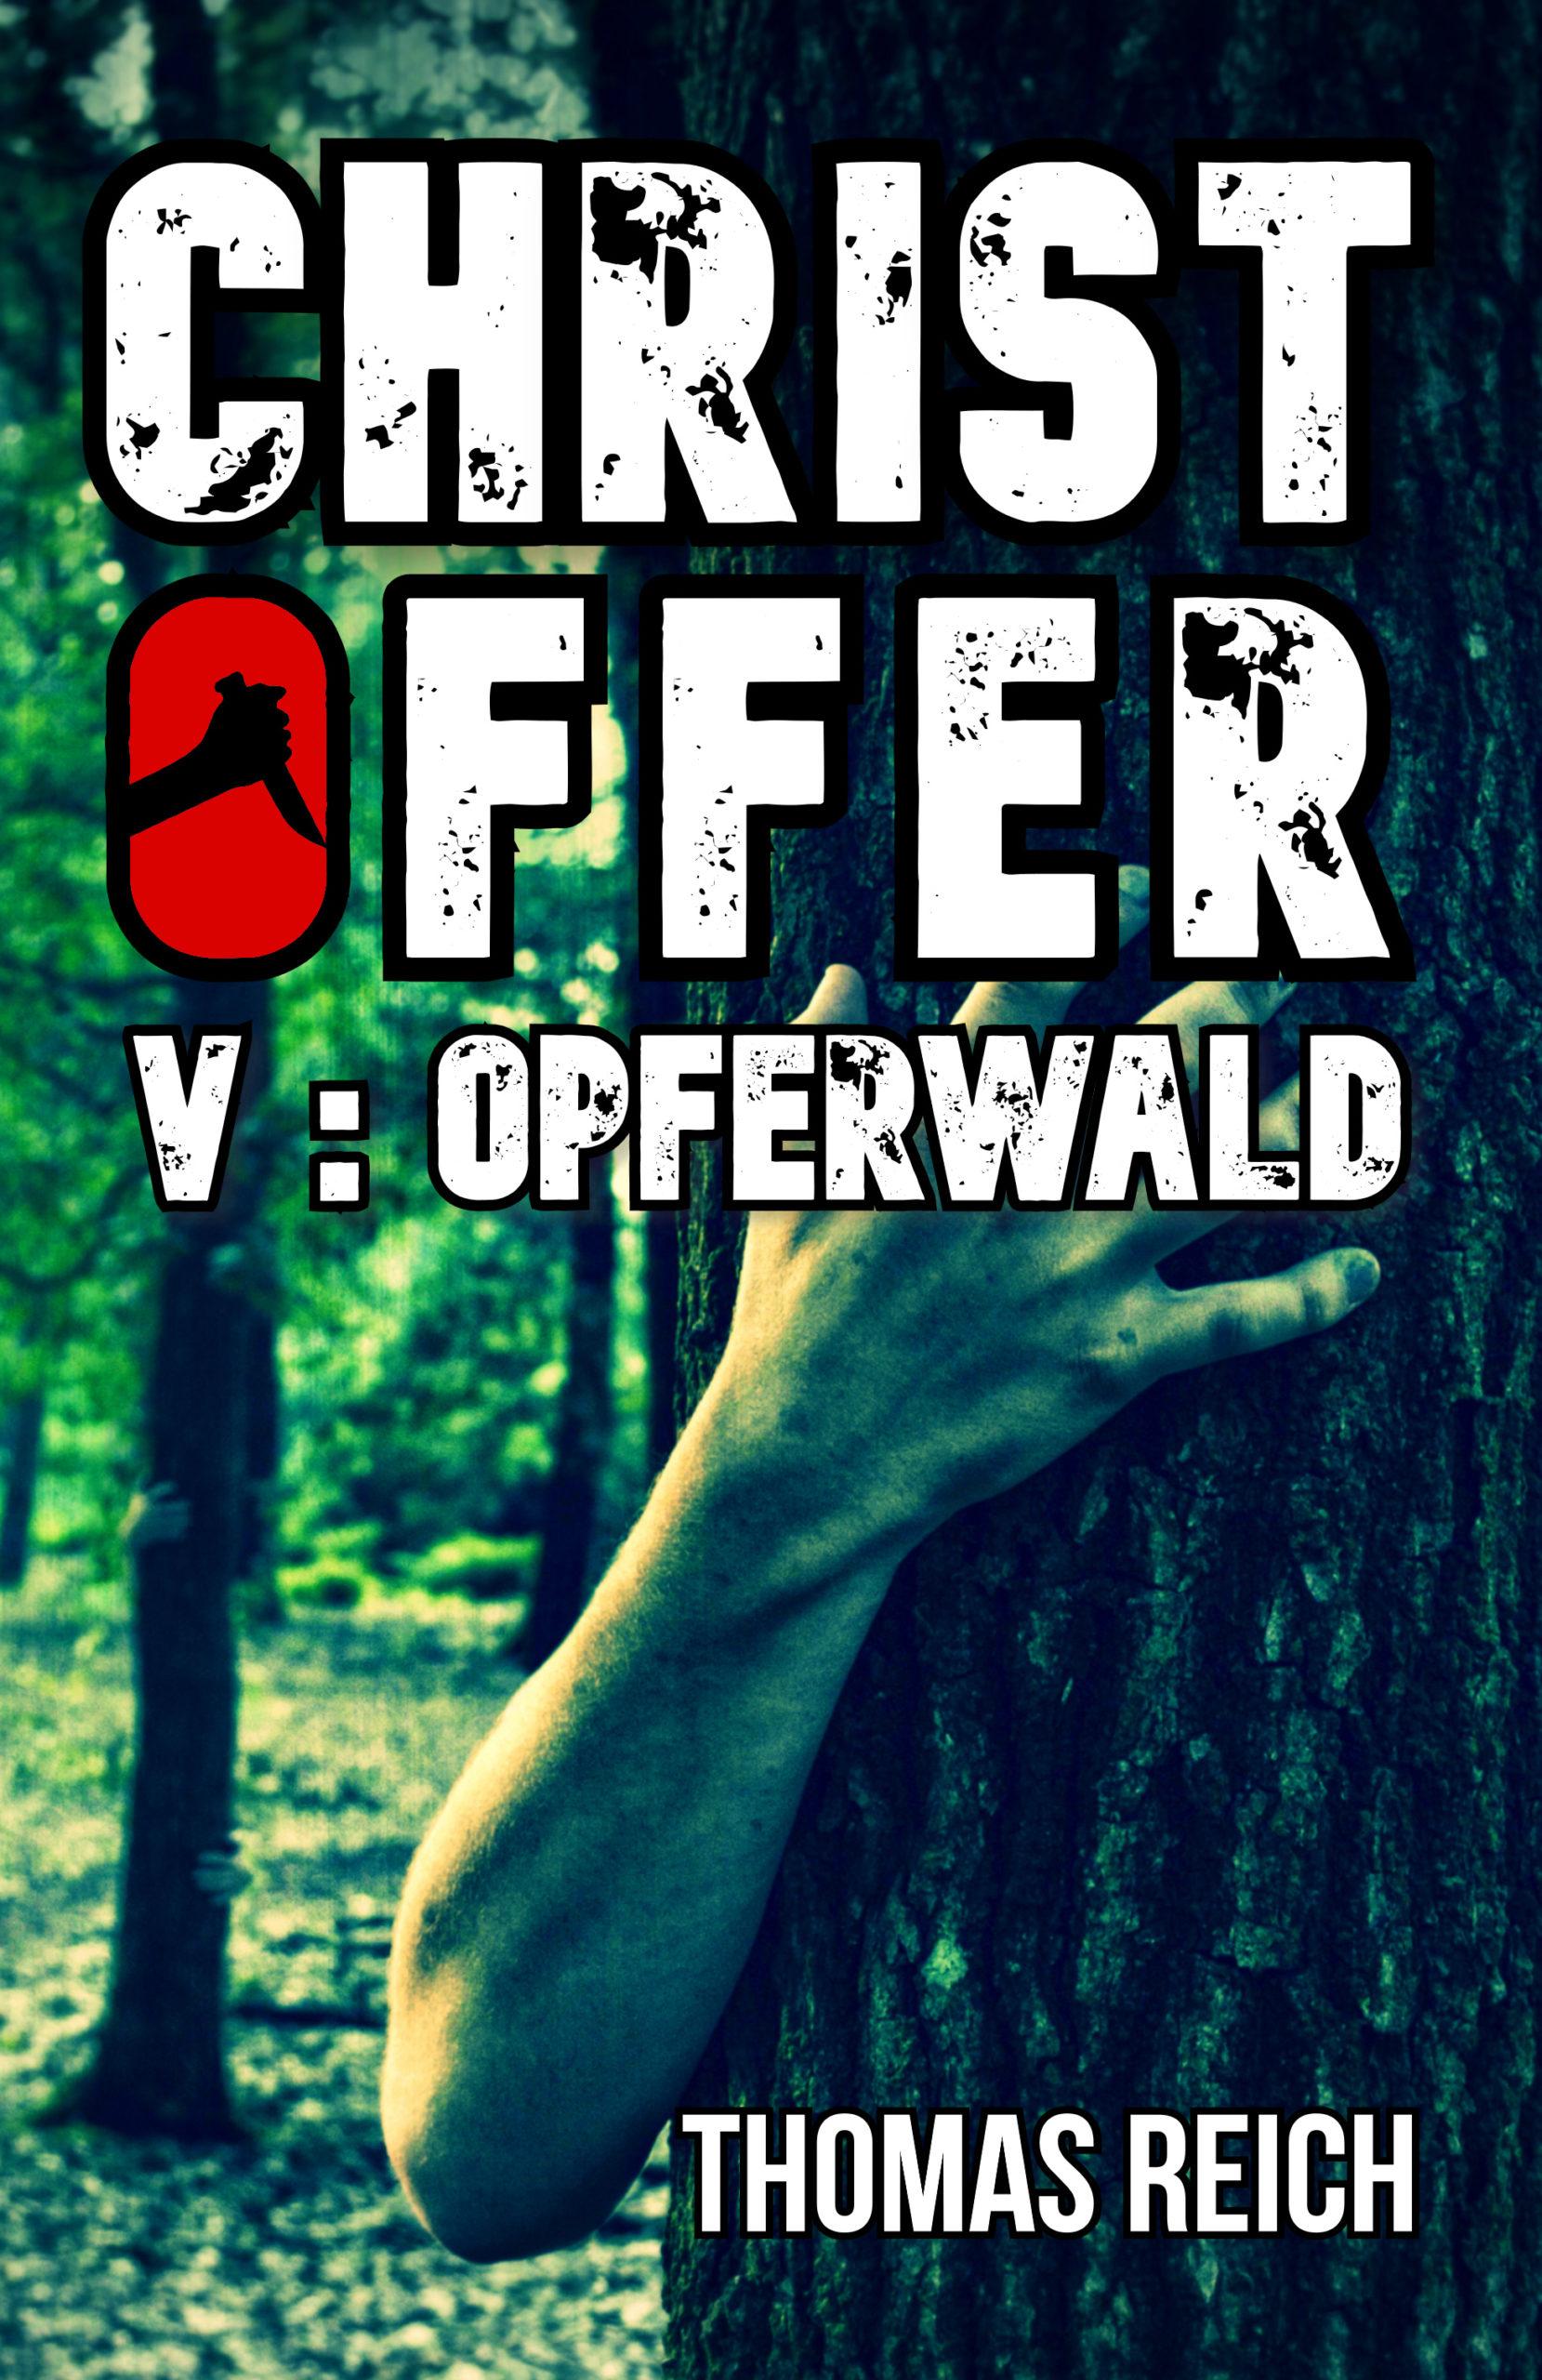 V: Opferwald